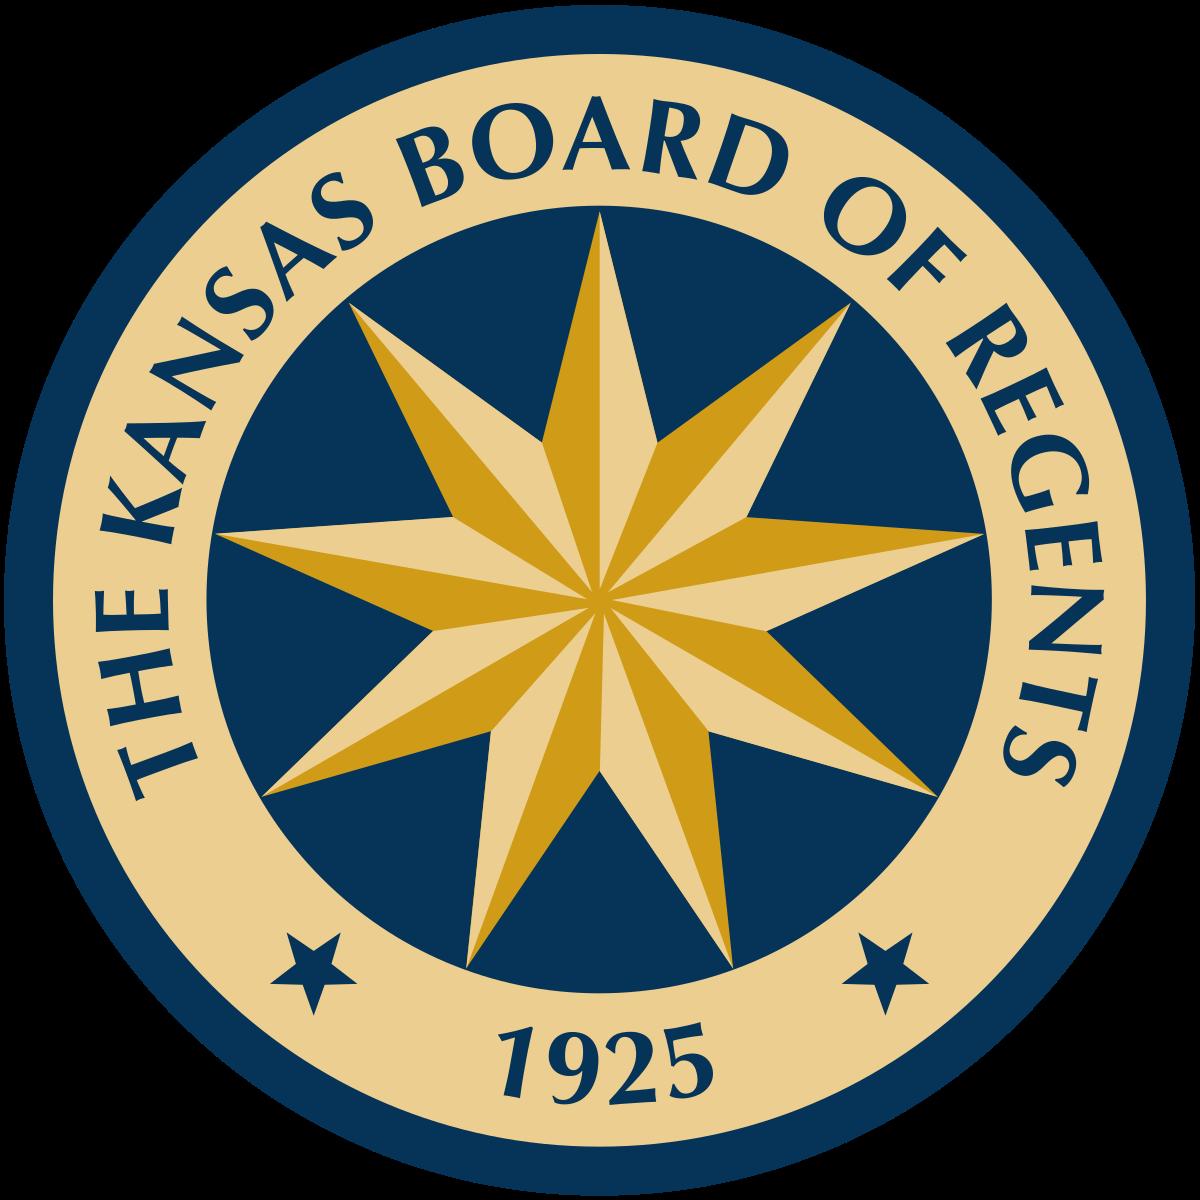 Kansas Board of Regents logo